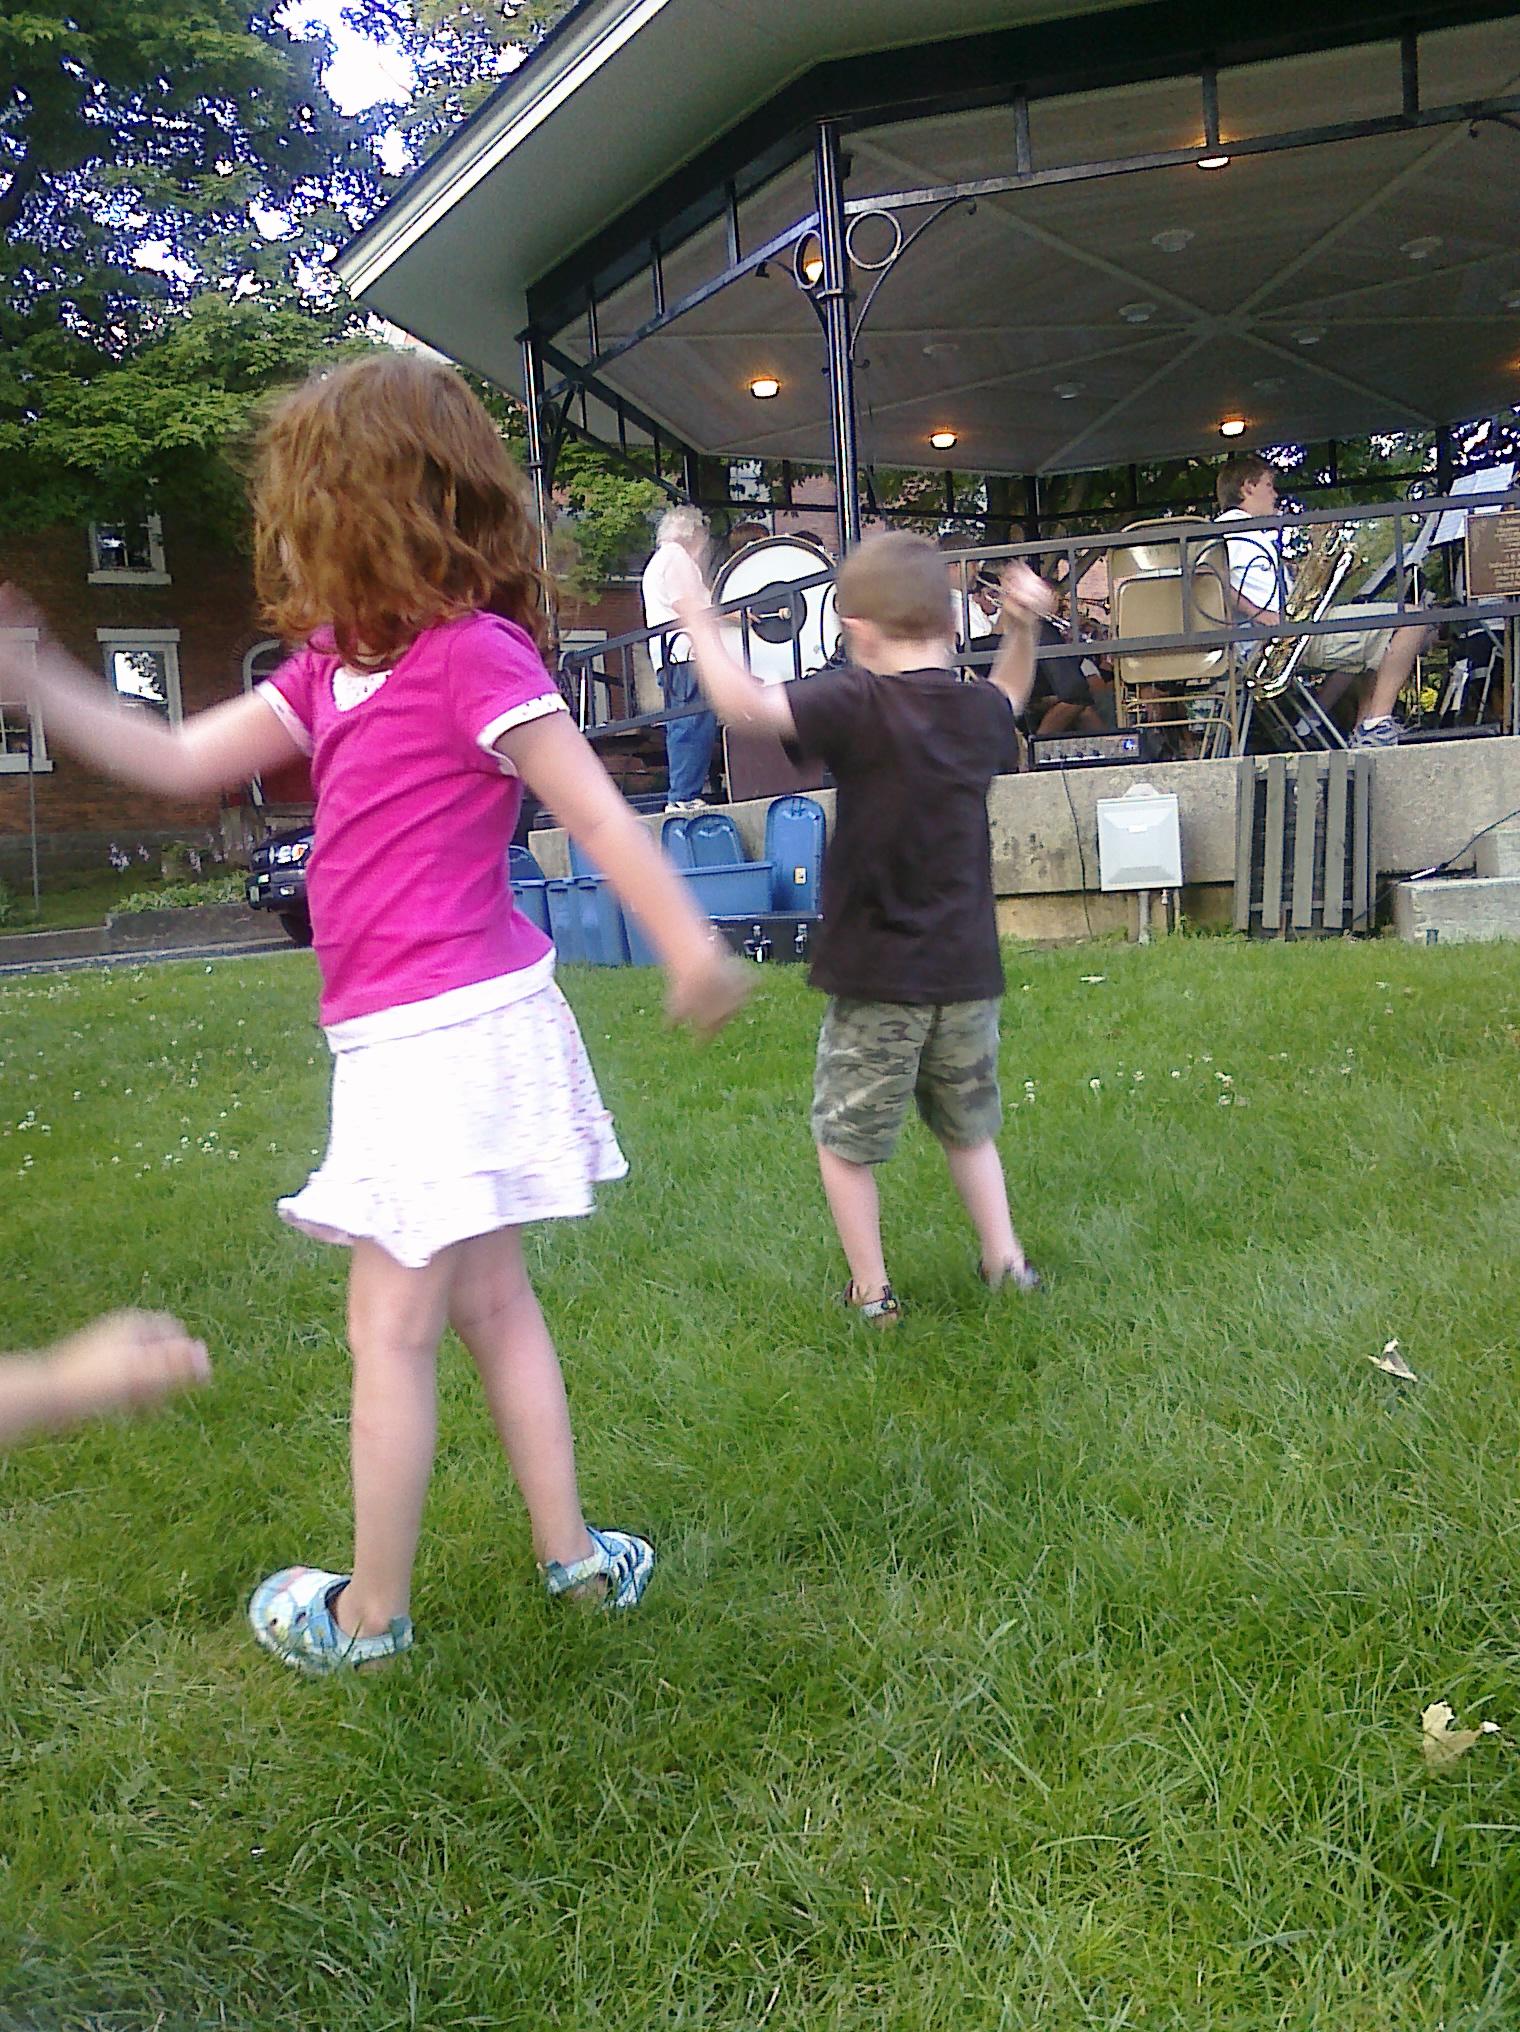 Dancing: Marjorie* and Burke